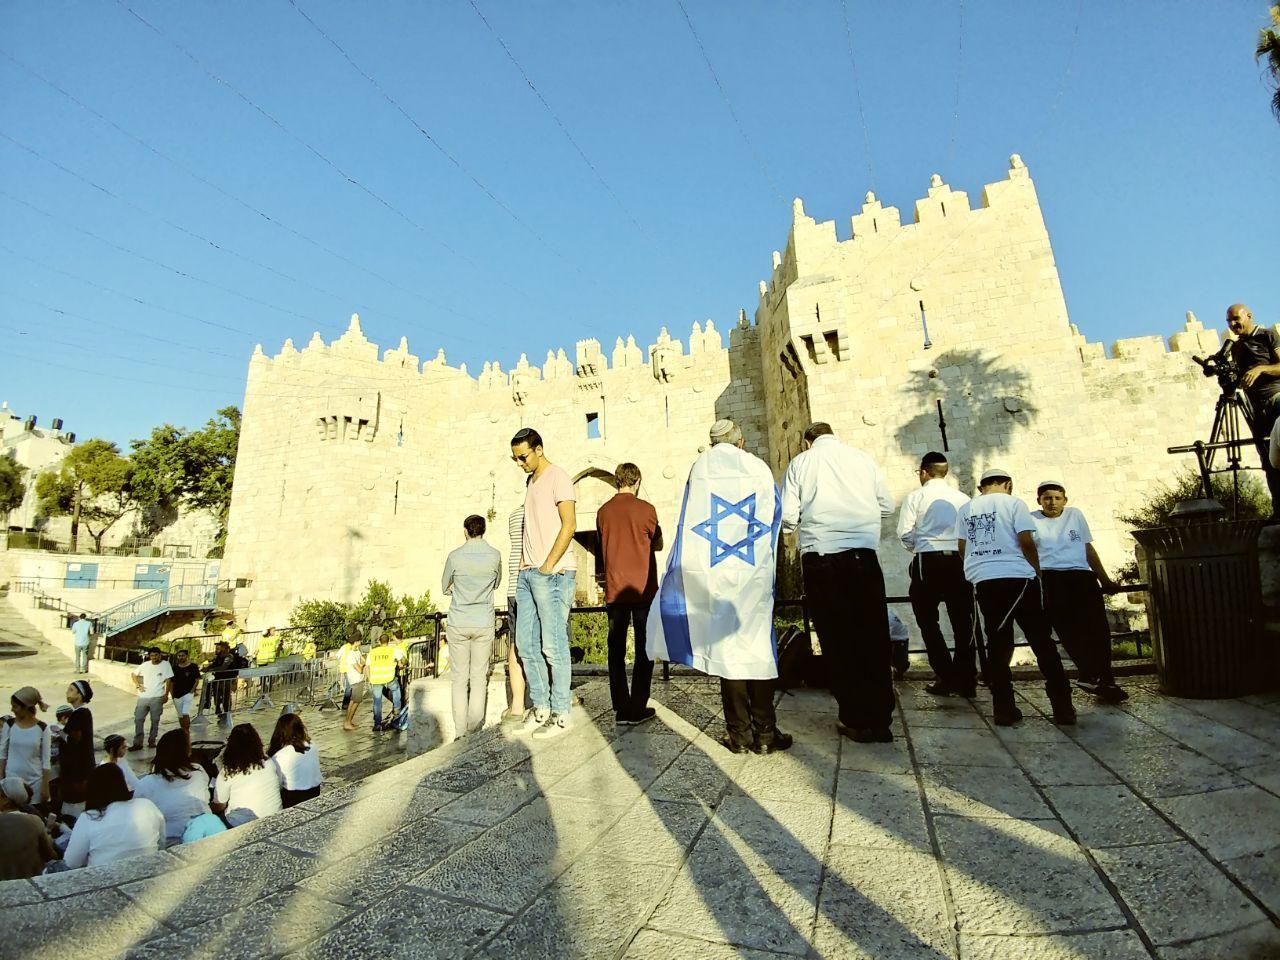 Des milliers d'Israéliens célèbrent les 50 ans de la réunification de Jérusalem